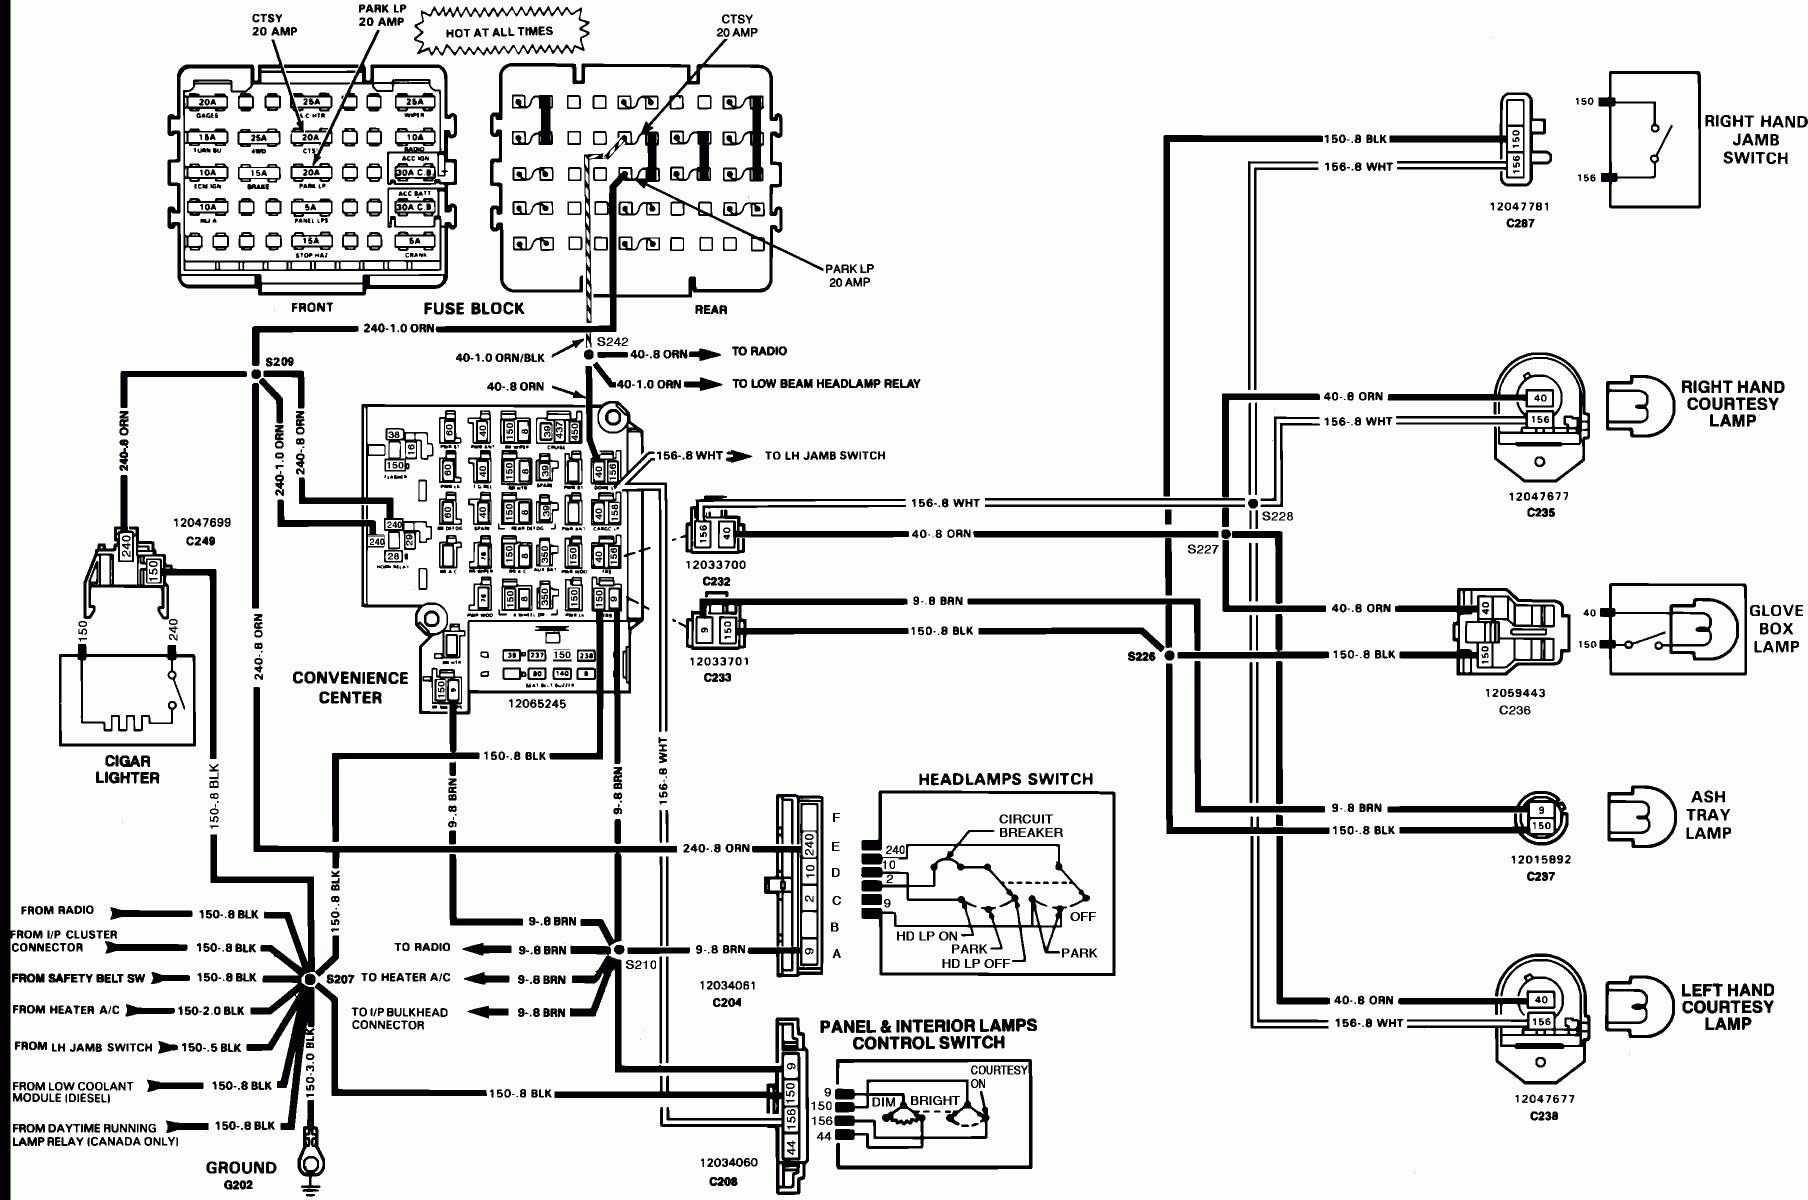 Truck Camper Wiring Diagram Diagram] Bigfoot Truck Camper Wiring Diagram 1989 Full Version Hd … Of Truck Camper Wiring Diagram